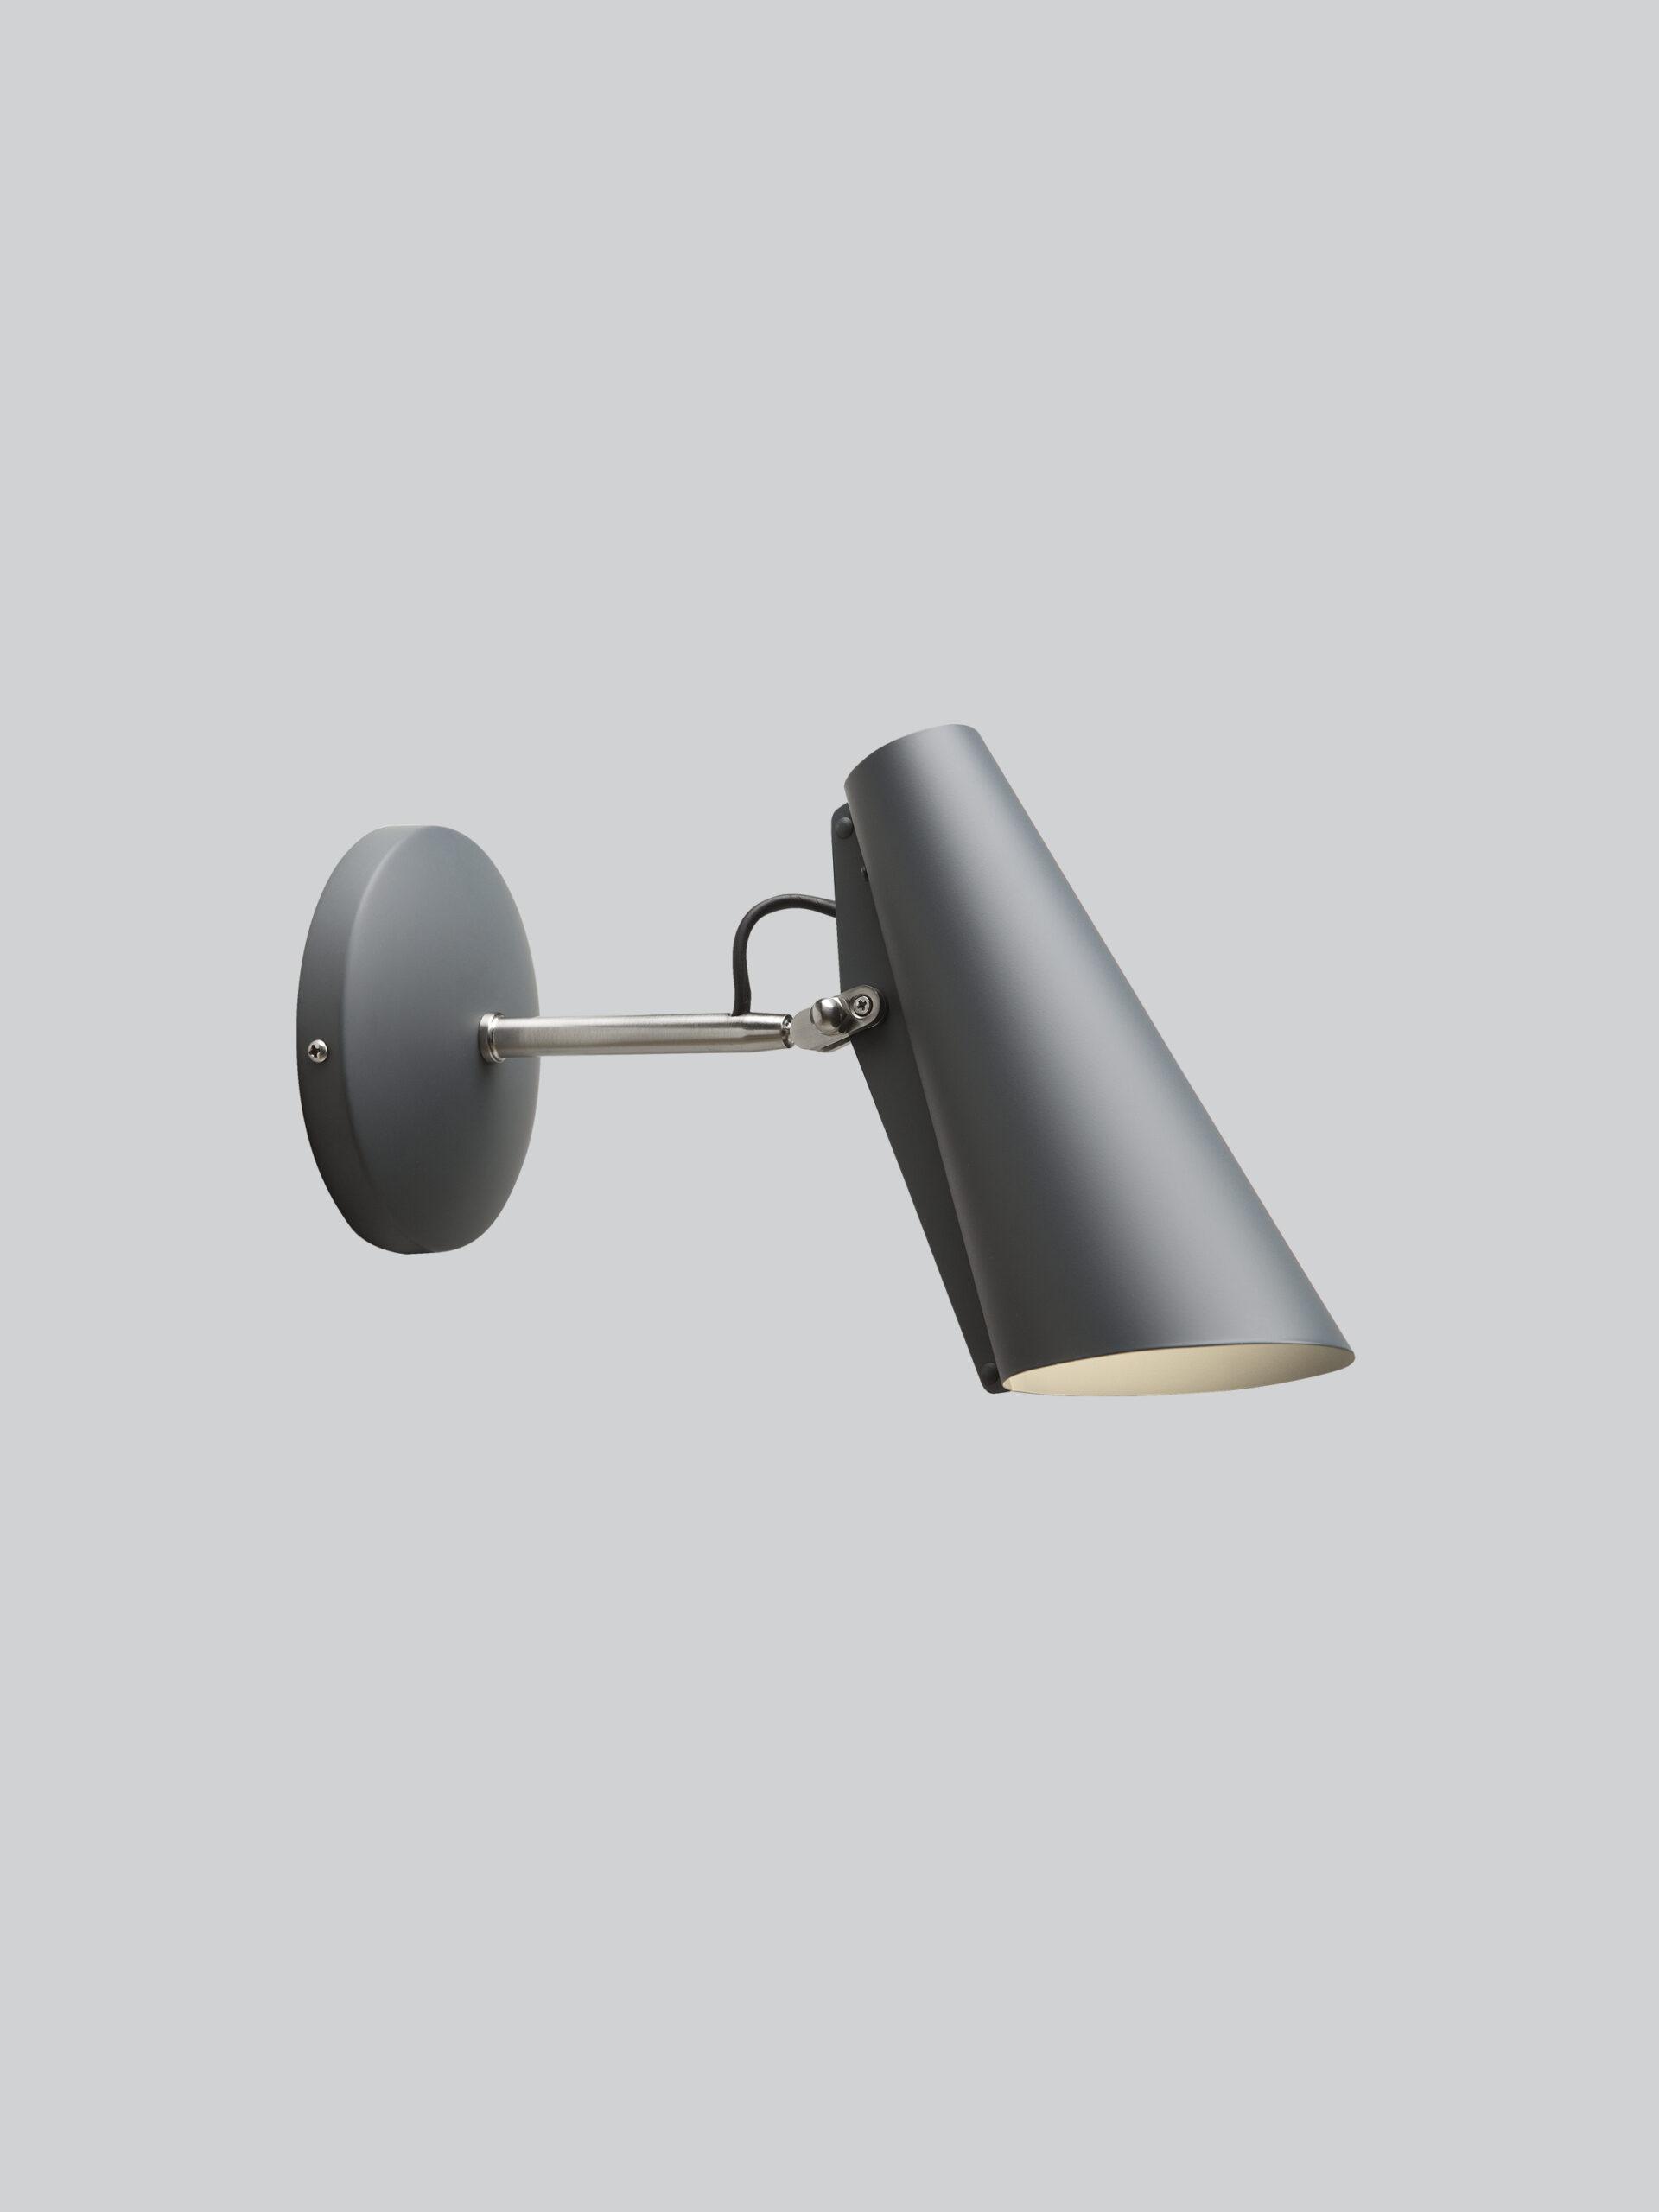 Šviestuvas Northern Lighting  – Birdy Wall Short Sieninis šviestuvas  - 2